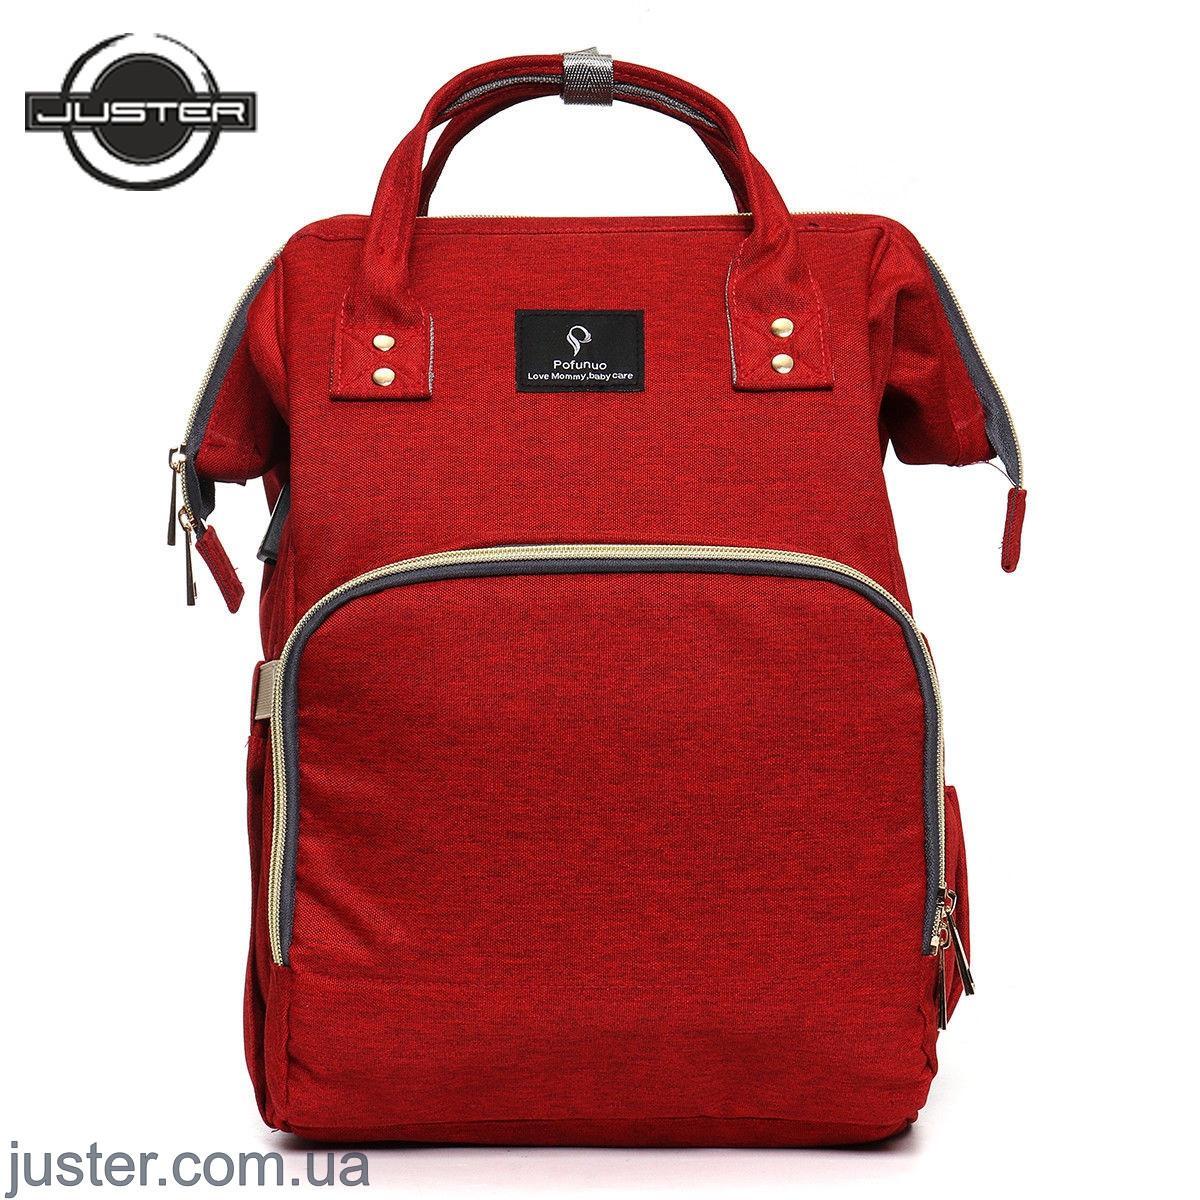 Уникальный рюкзак для мам оригинал с креплением на коляску. Умный органайзер. Стильный дизайн.